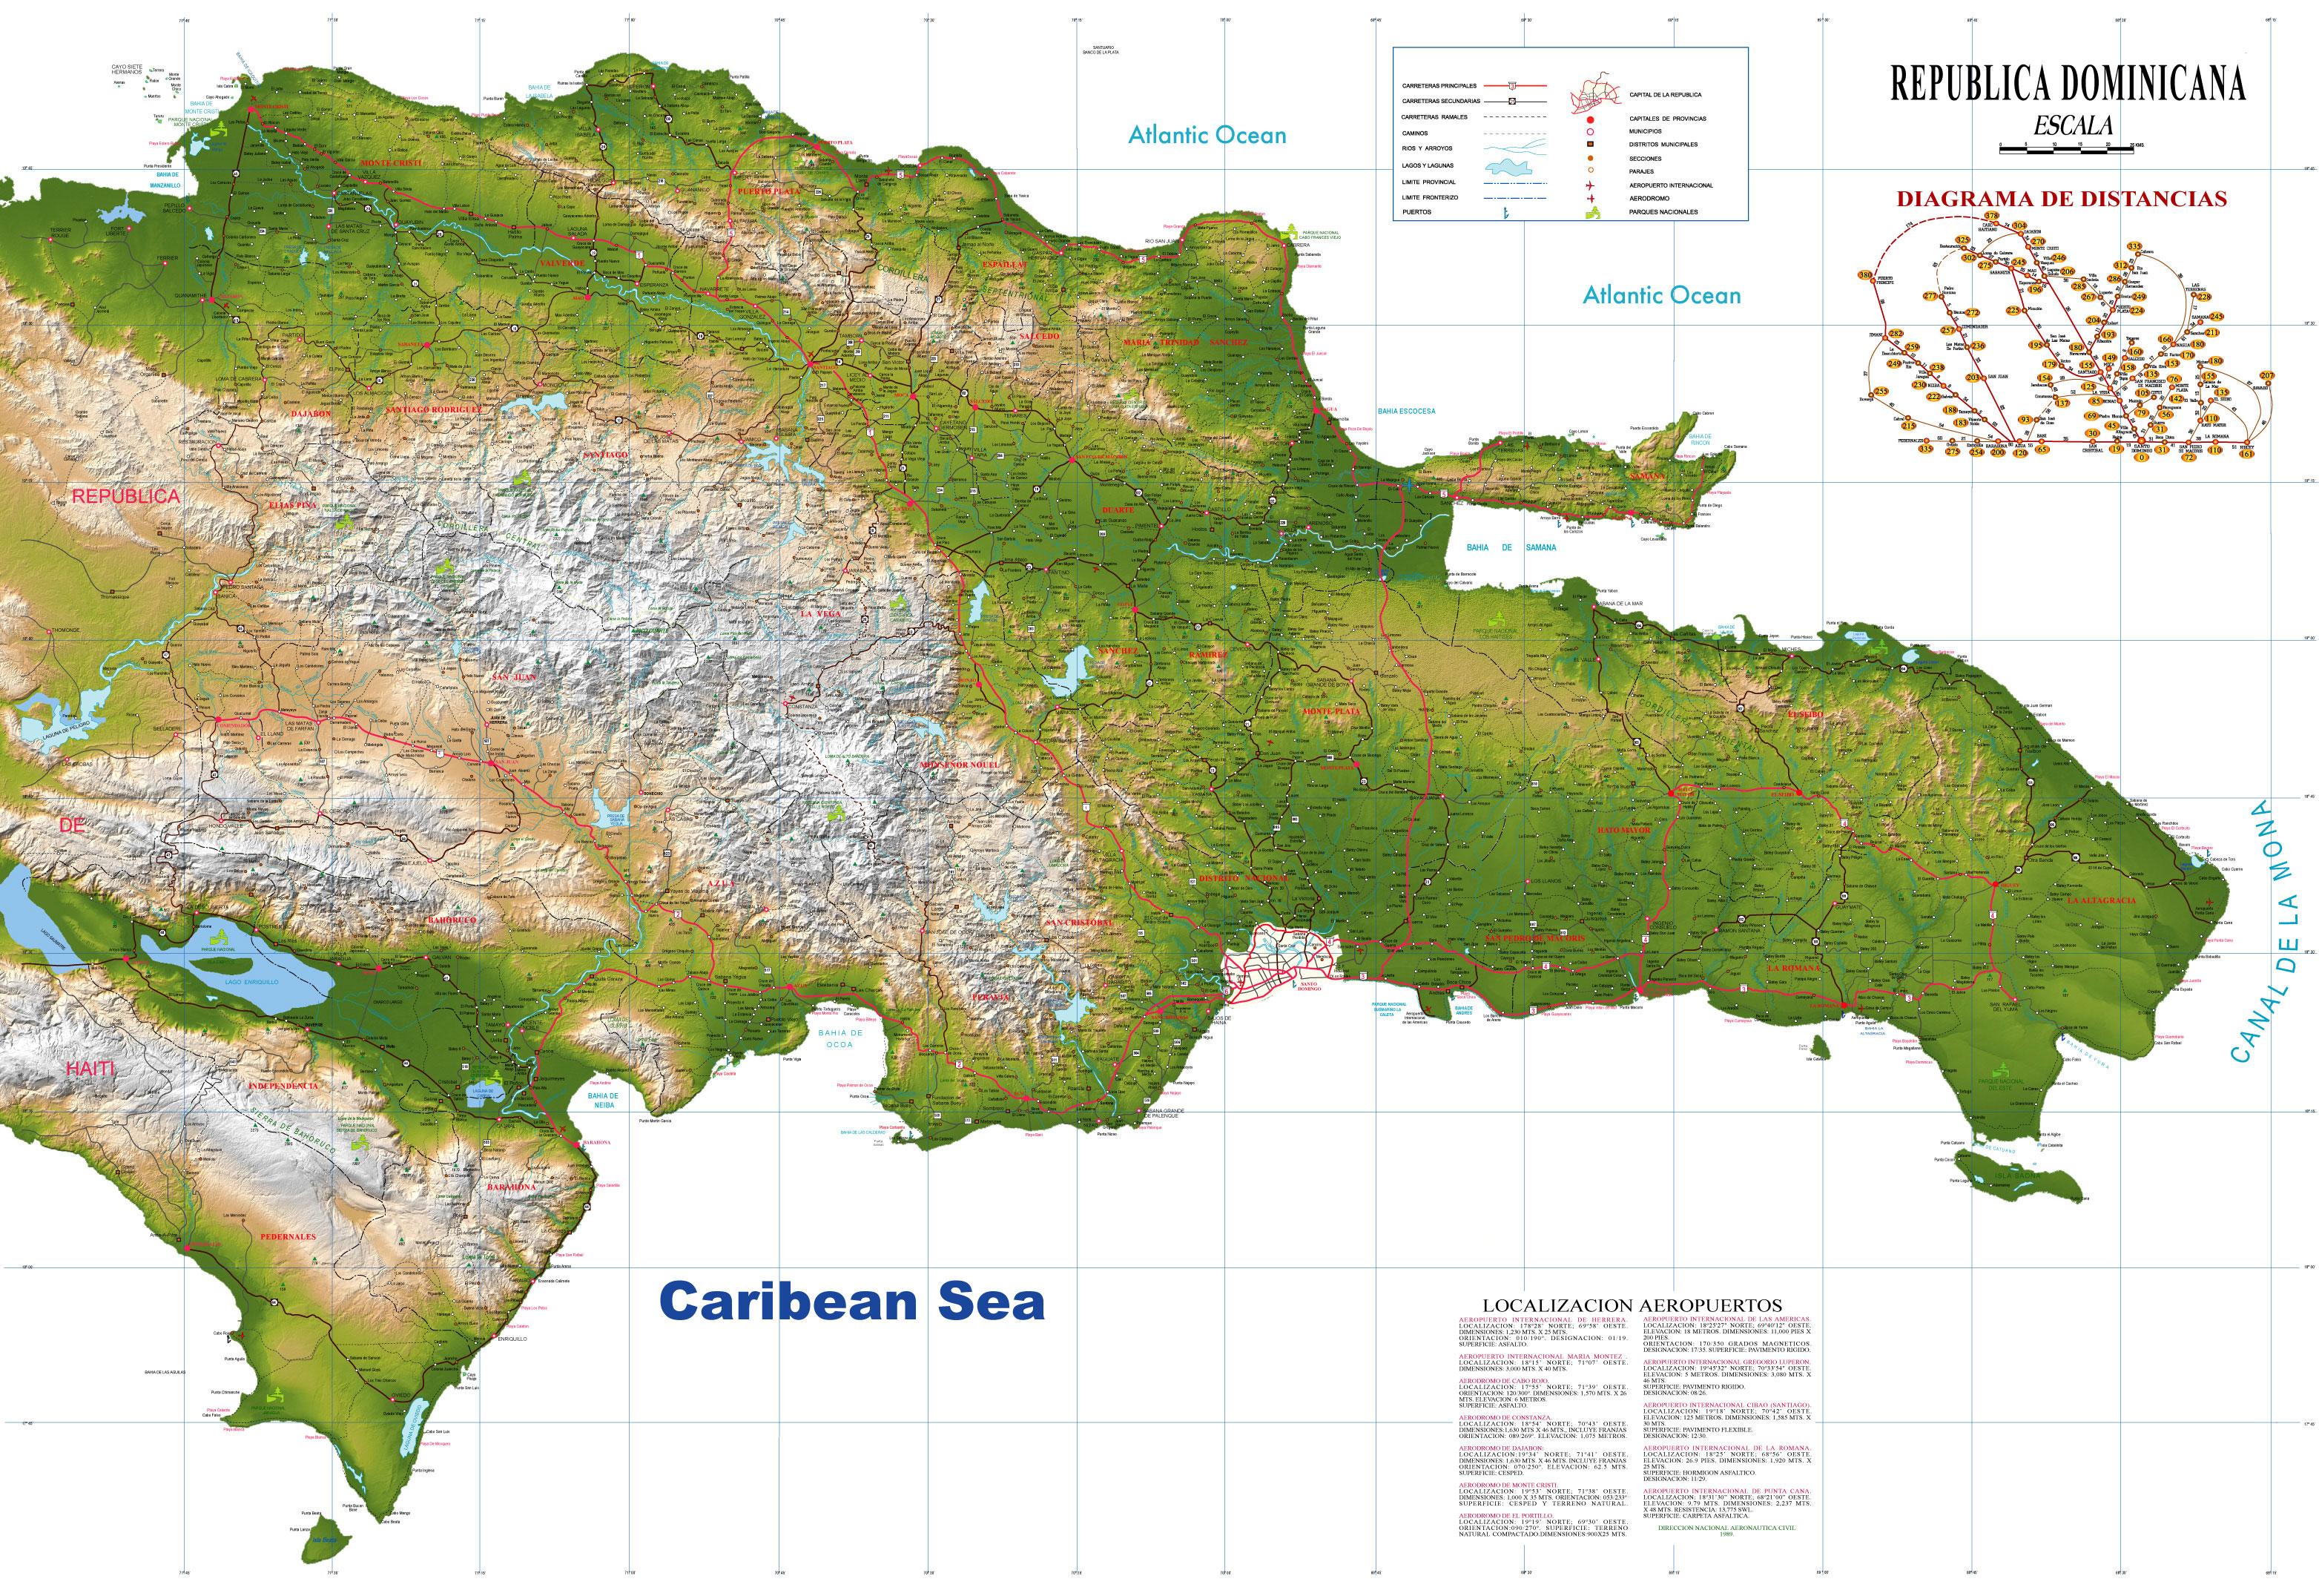 Ver el mapa de la República Dominicana via satelite